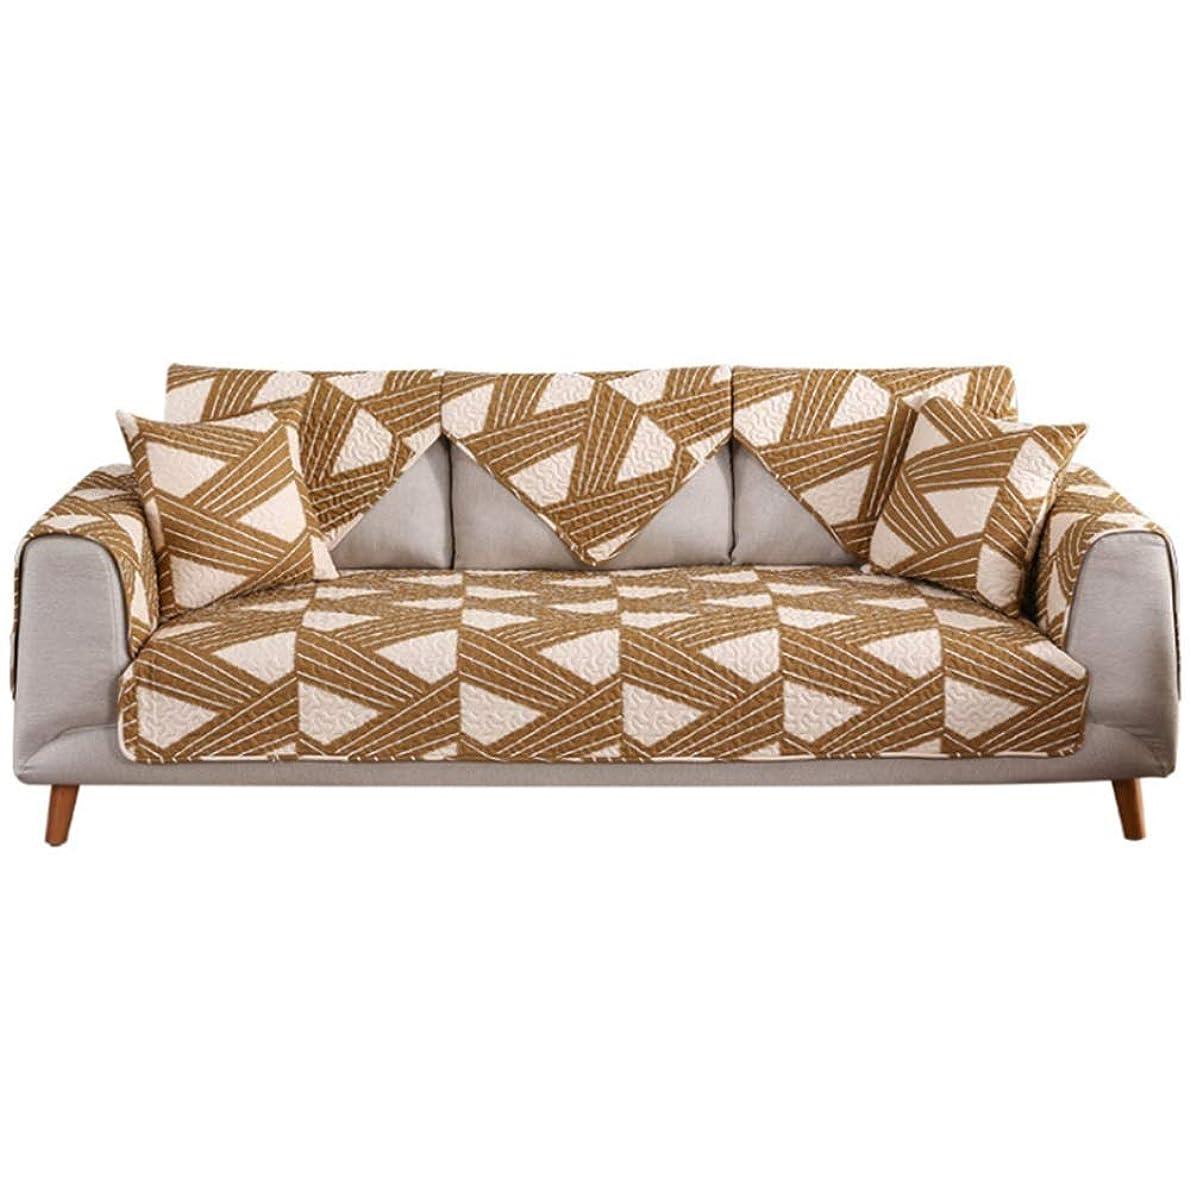 パイ告発者本当のことを言うとMHKBD-JPのソファーのクッションの布の芸術は家のために適した共通の滑り止めのソファーのマットを厚くします ソファカバー (色 : ブラウン, サイズ : 110*160CM)